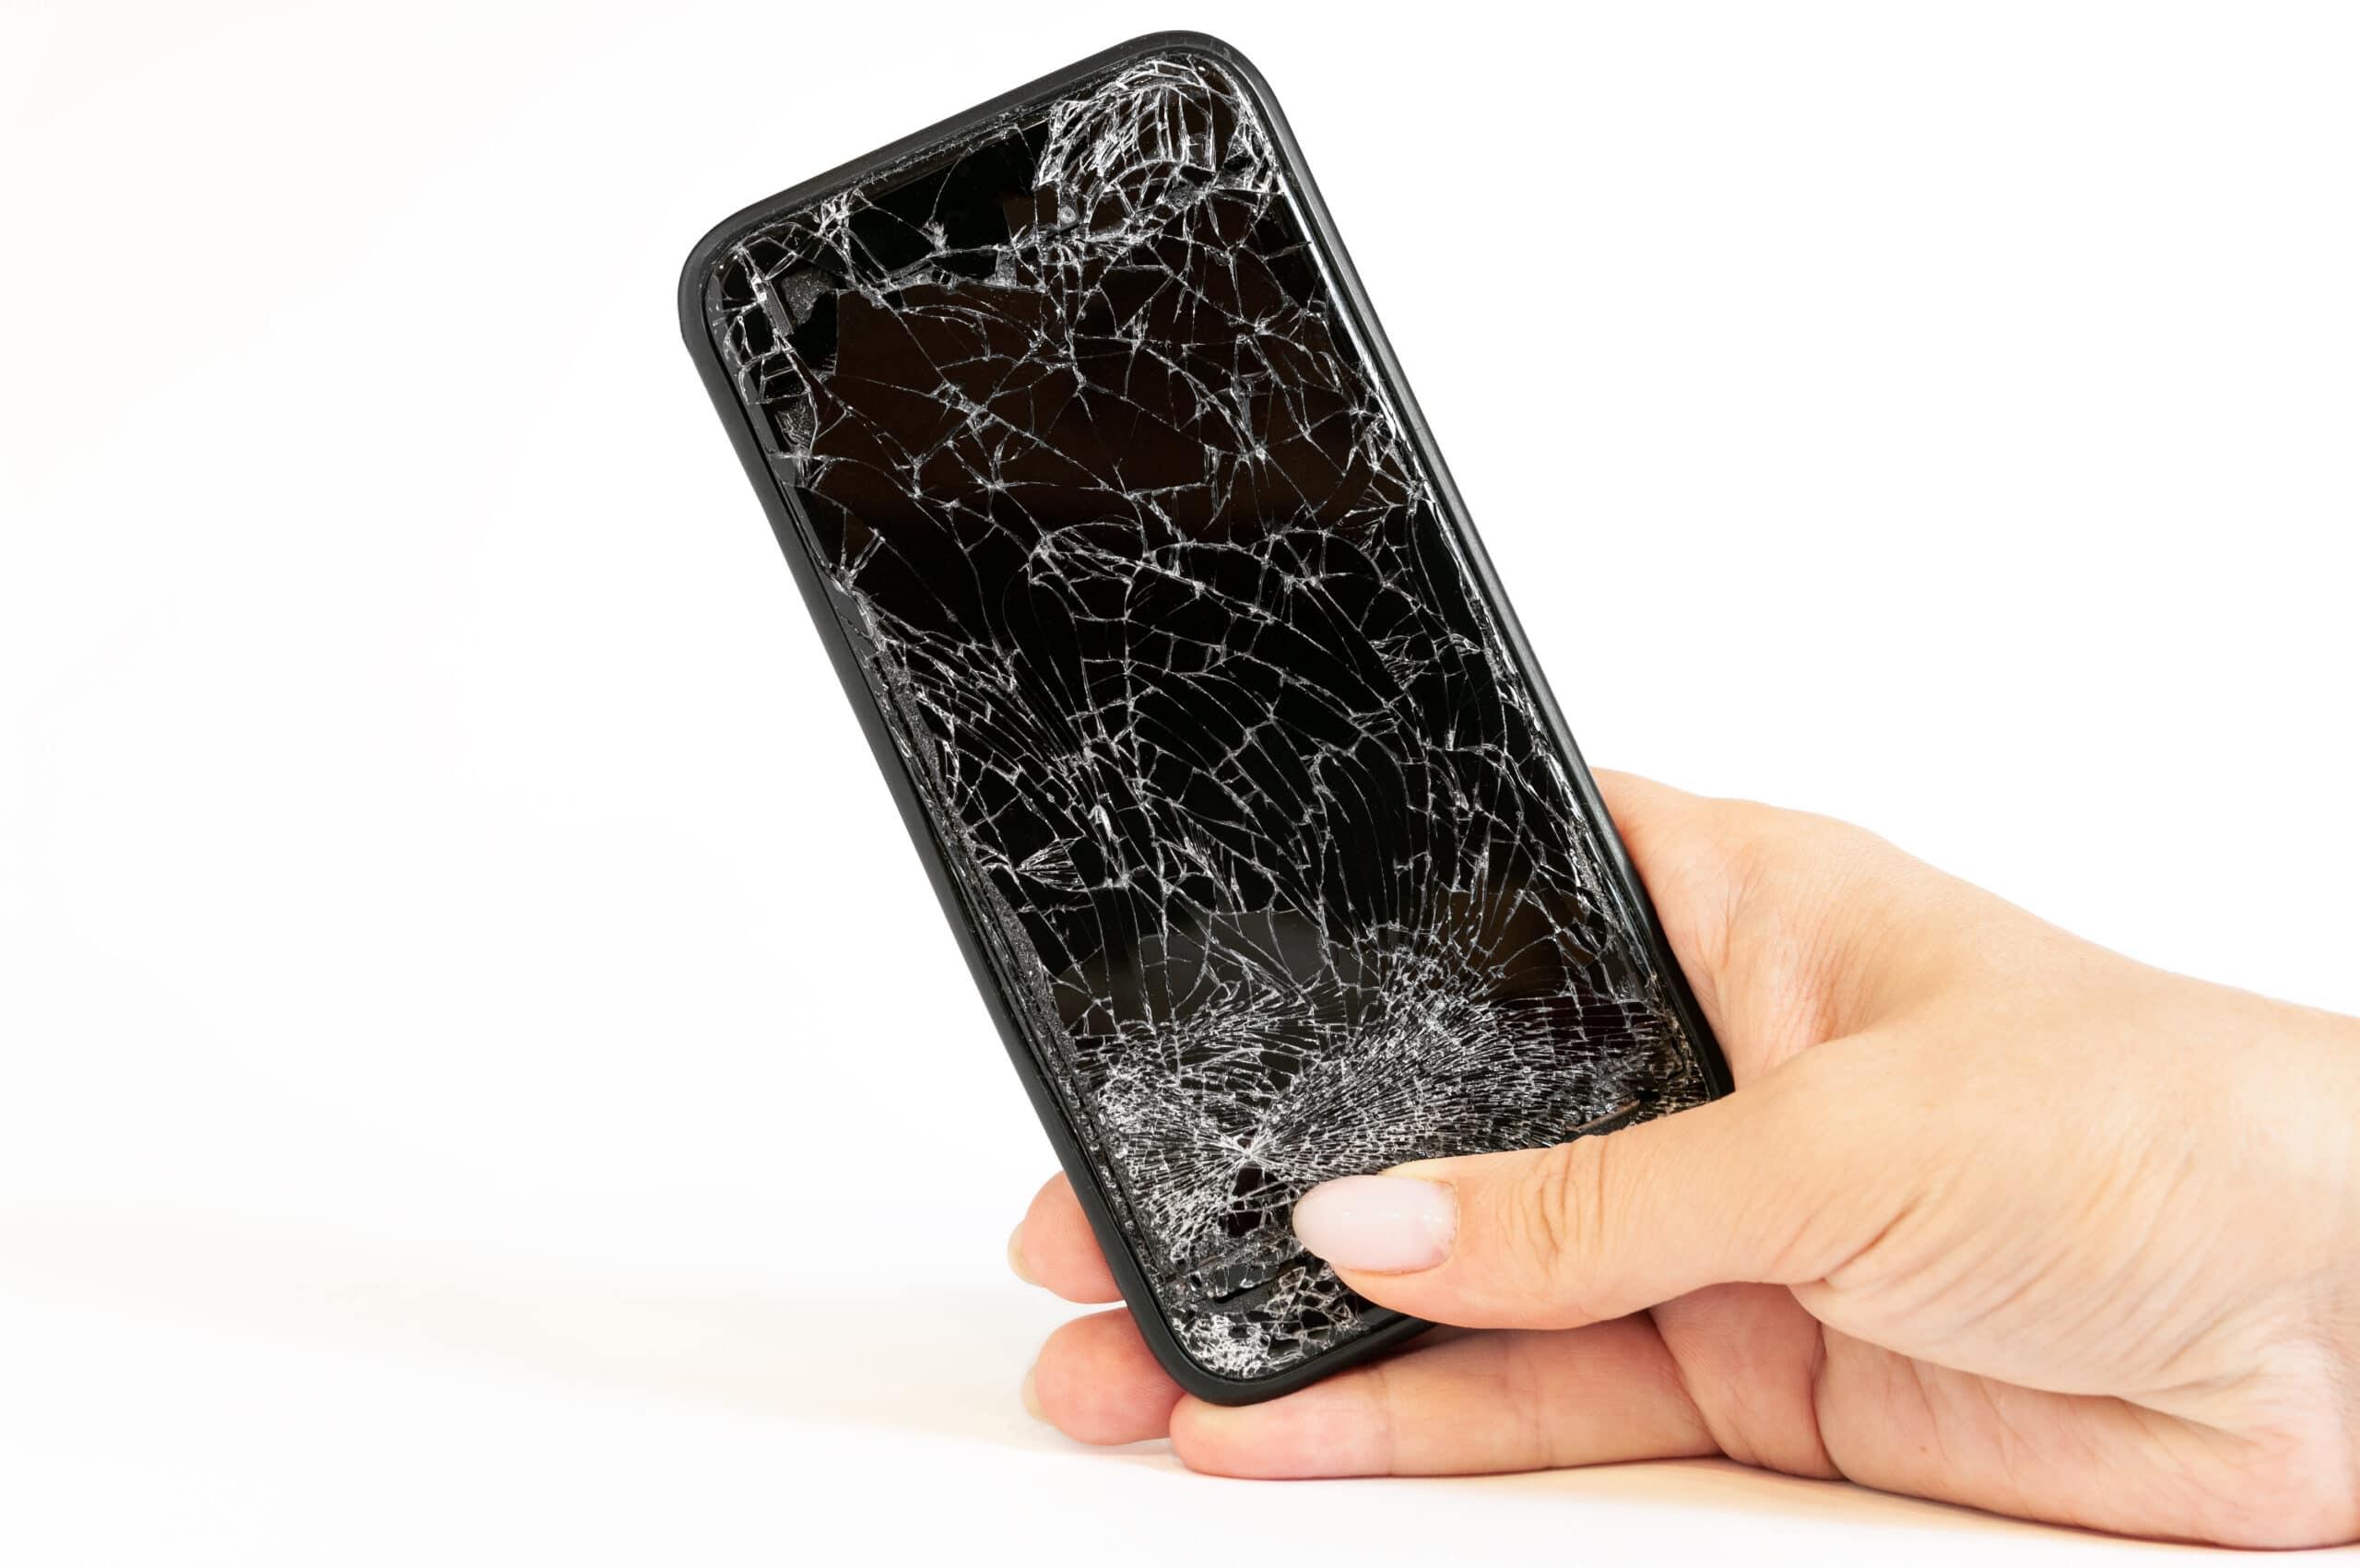 iPhone com tela quebrada